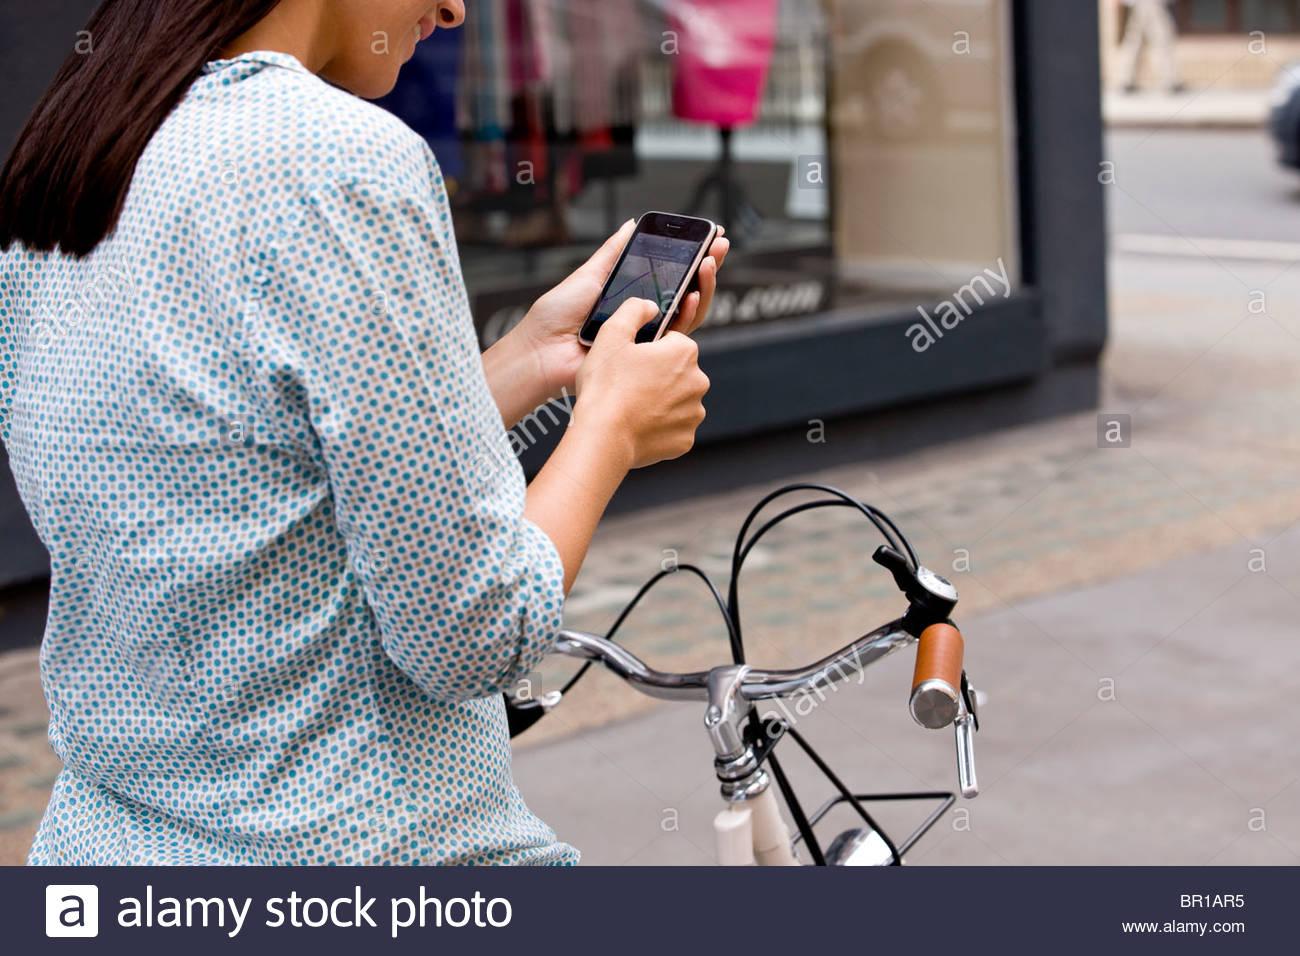 Une jeune femme sur un vélo, en regardant une carte sur son téléphone portable Photo Stock